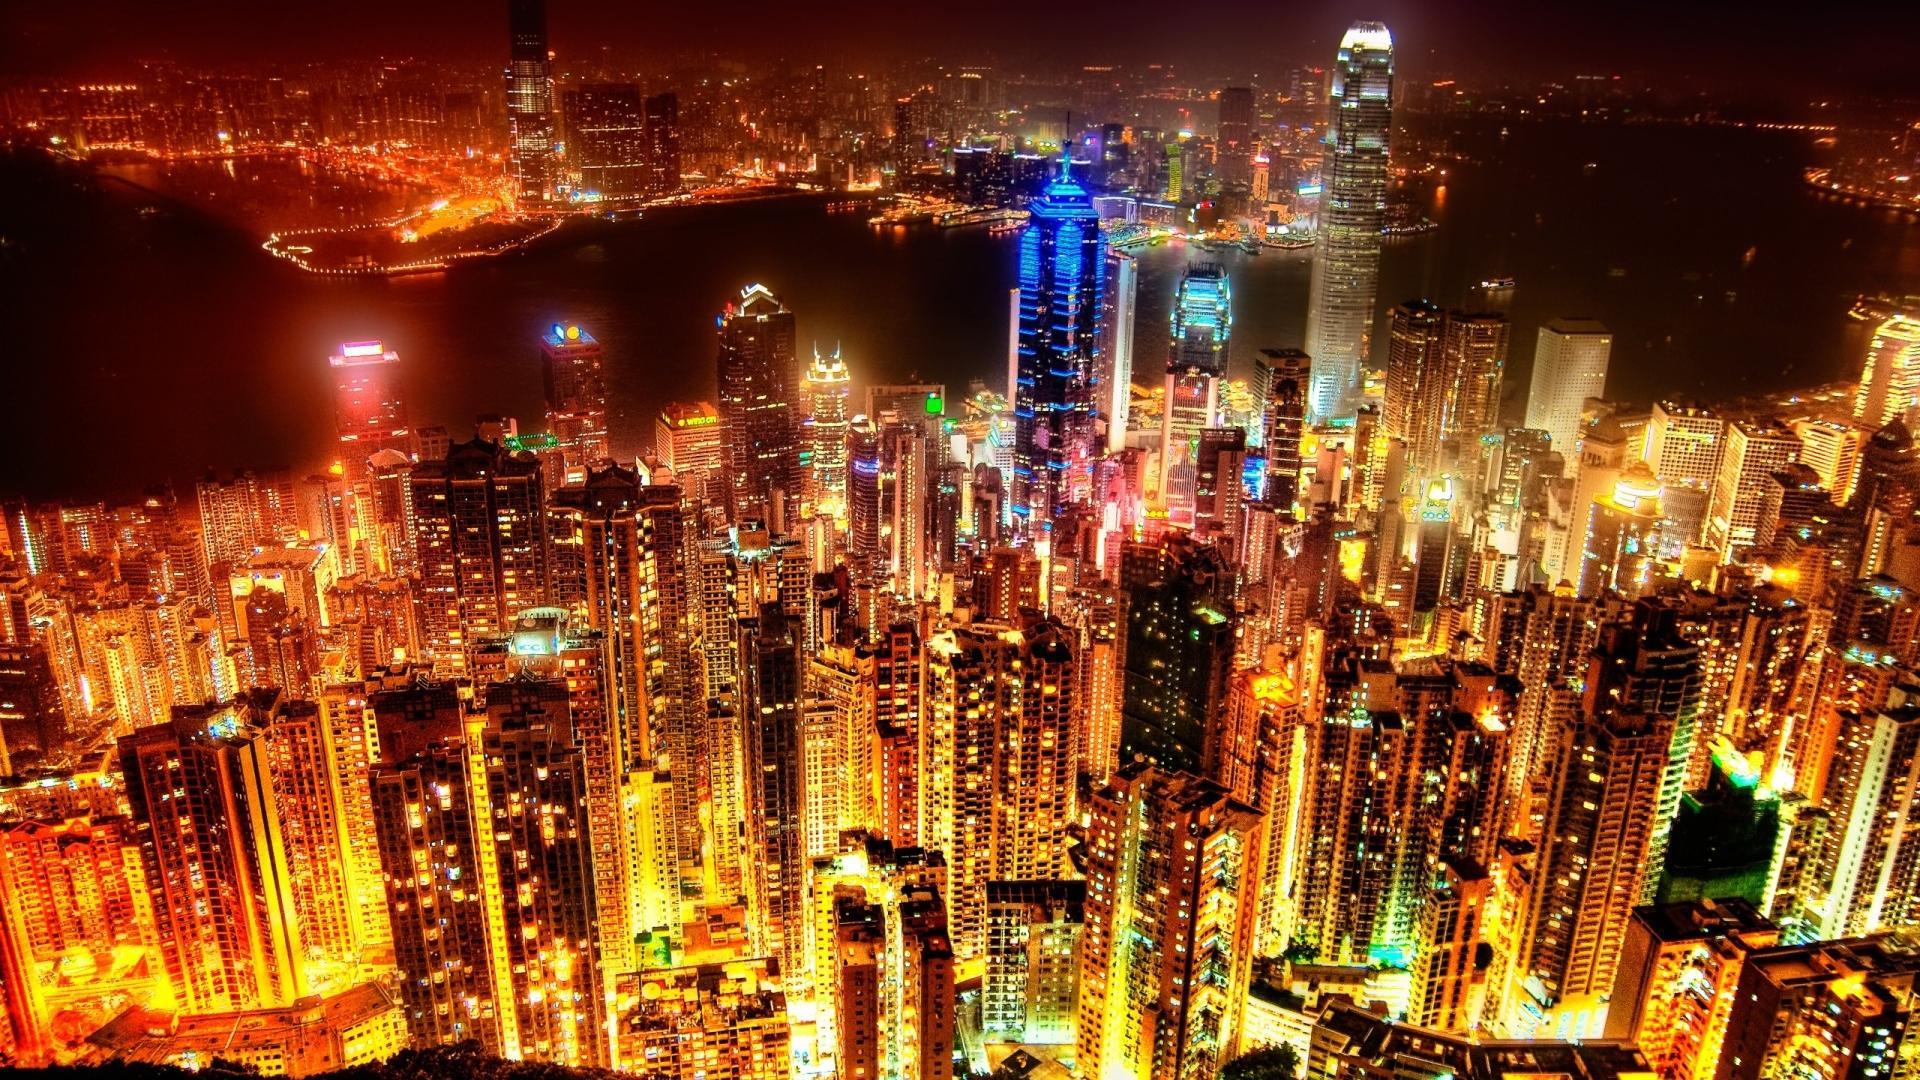 Ночной город, огни, небоскребы обои